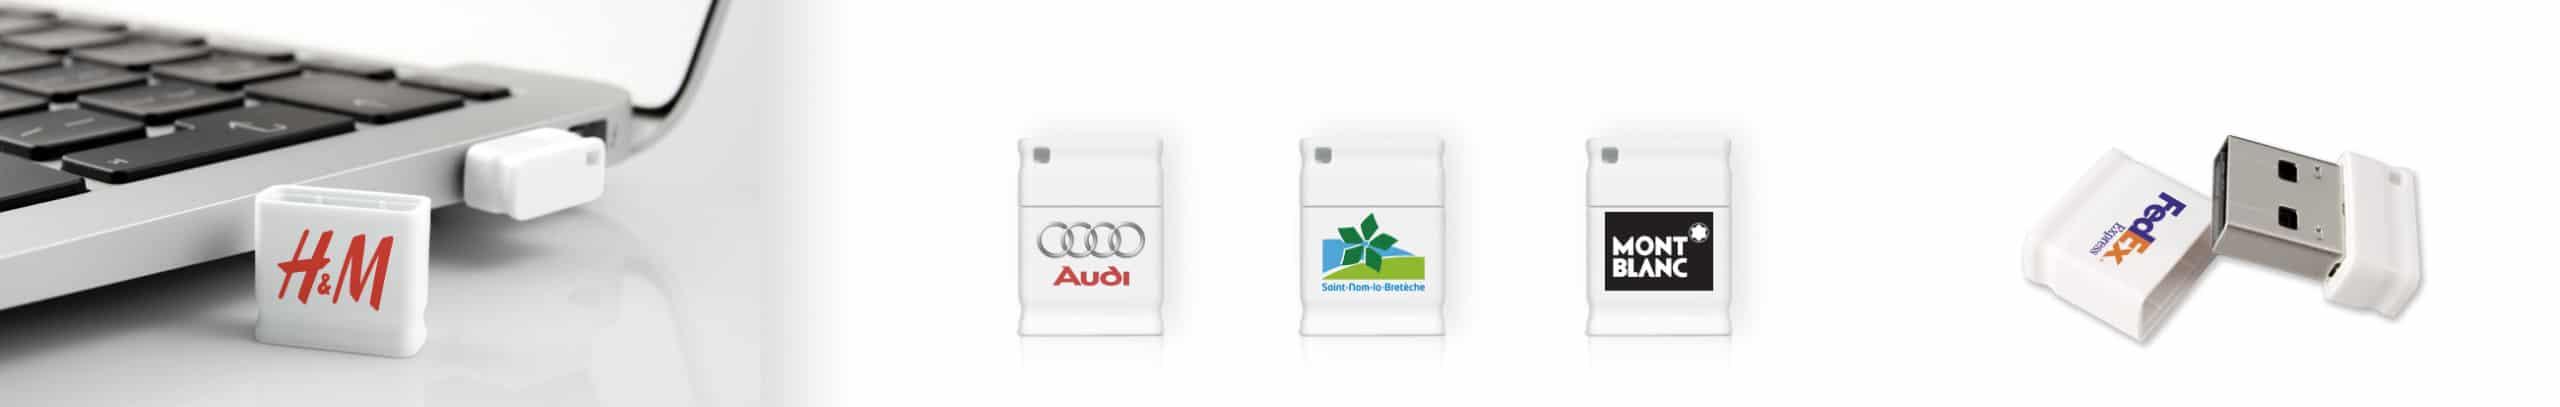 Clé USB Piccolo votre logo sur une micro clé